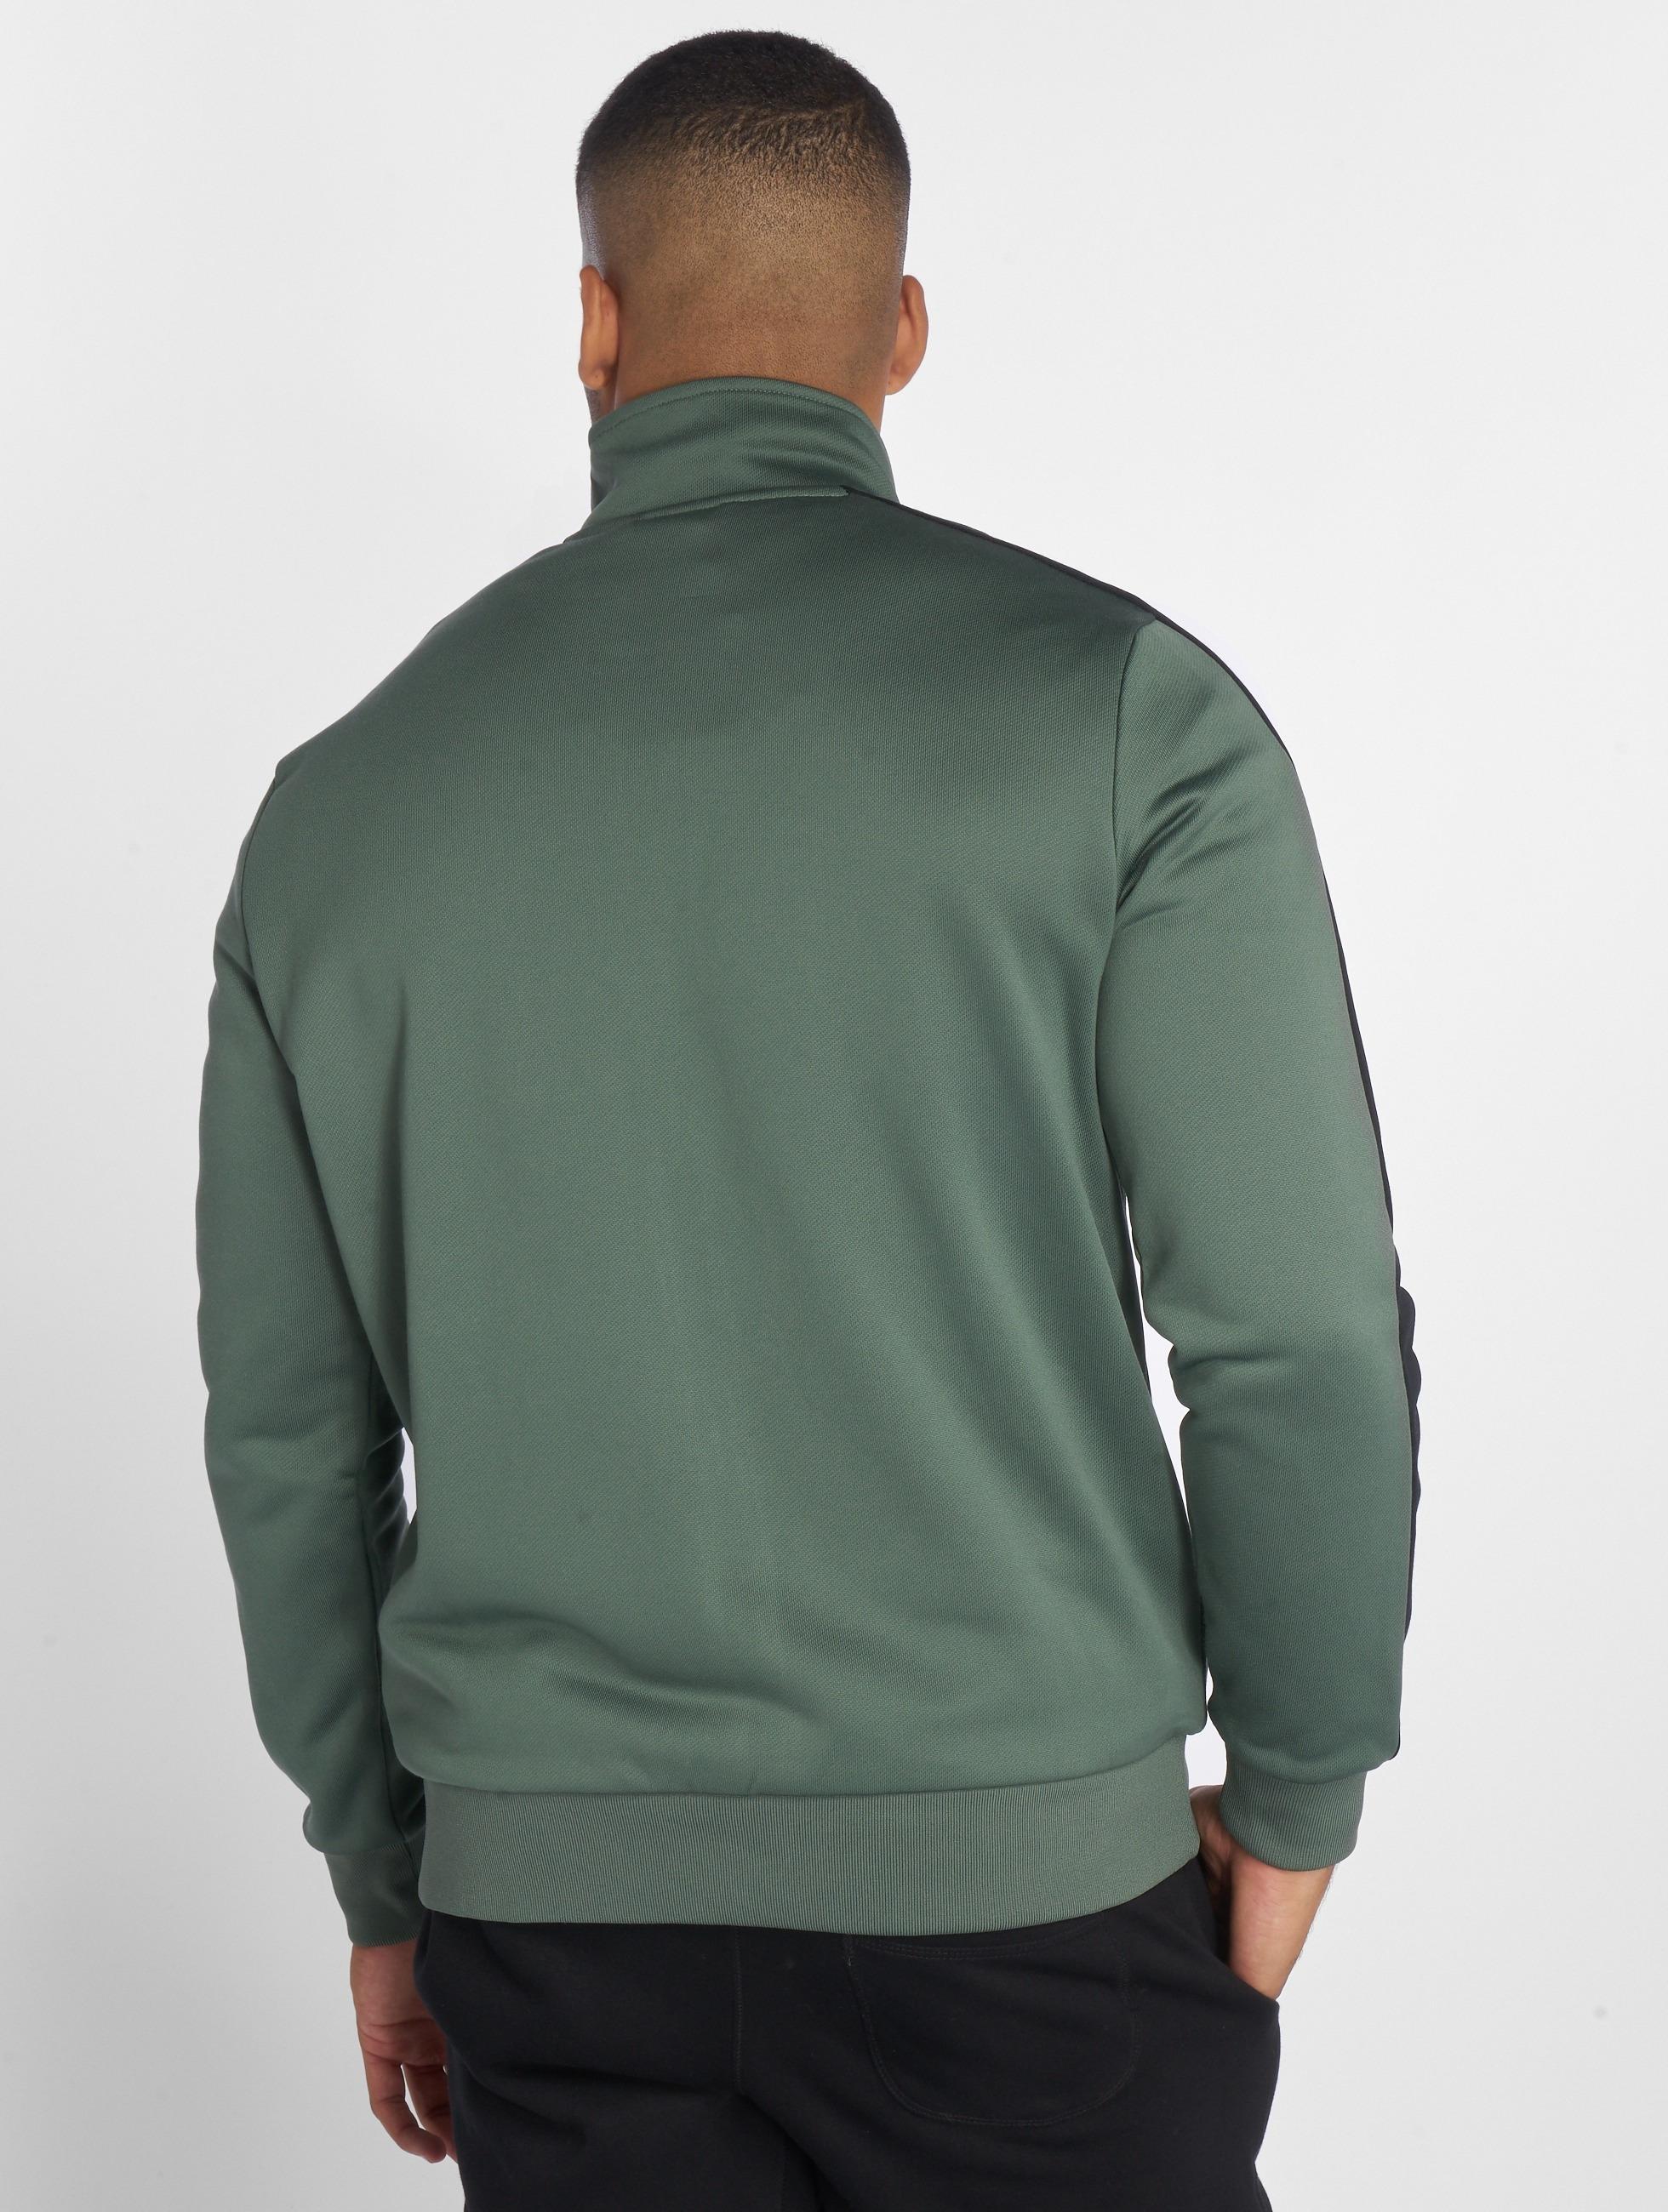 Herren Puma Männer Übergangsjacke Classics T7 Track olive,grün | 4059506677946